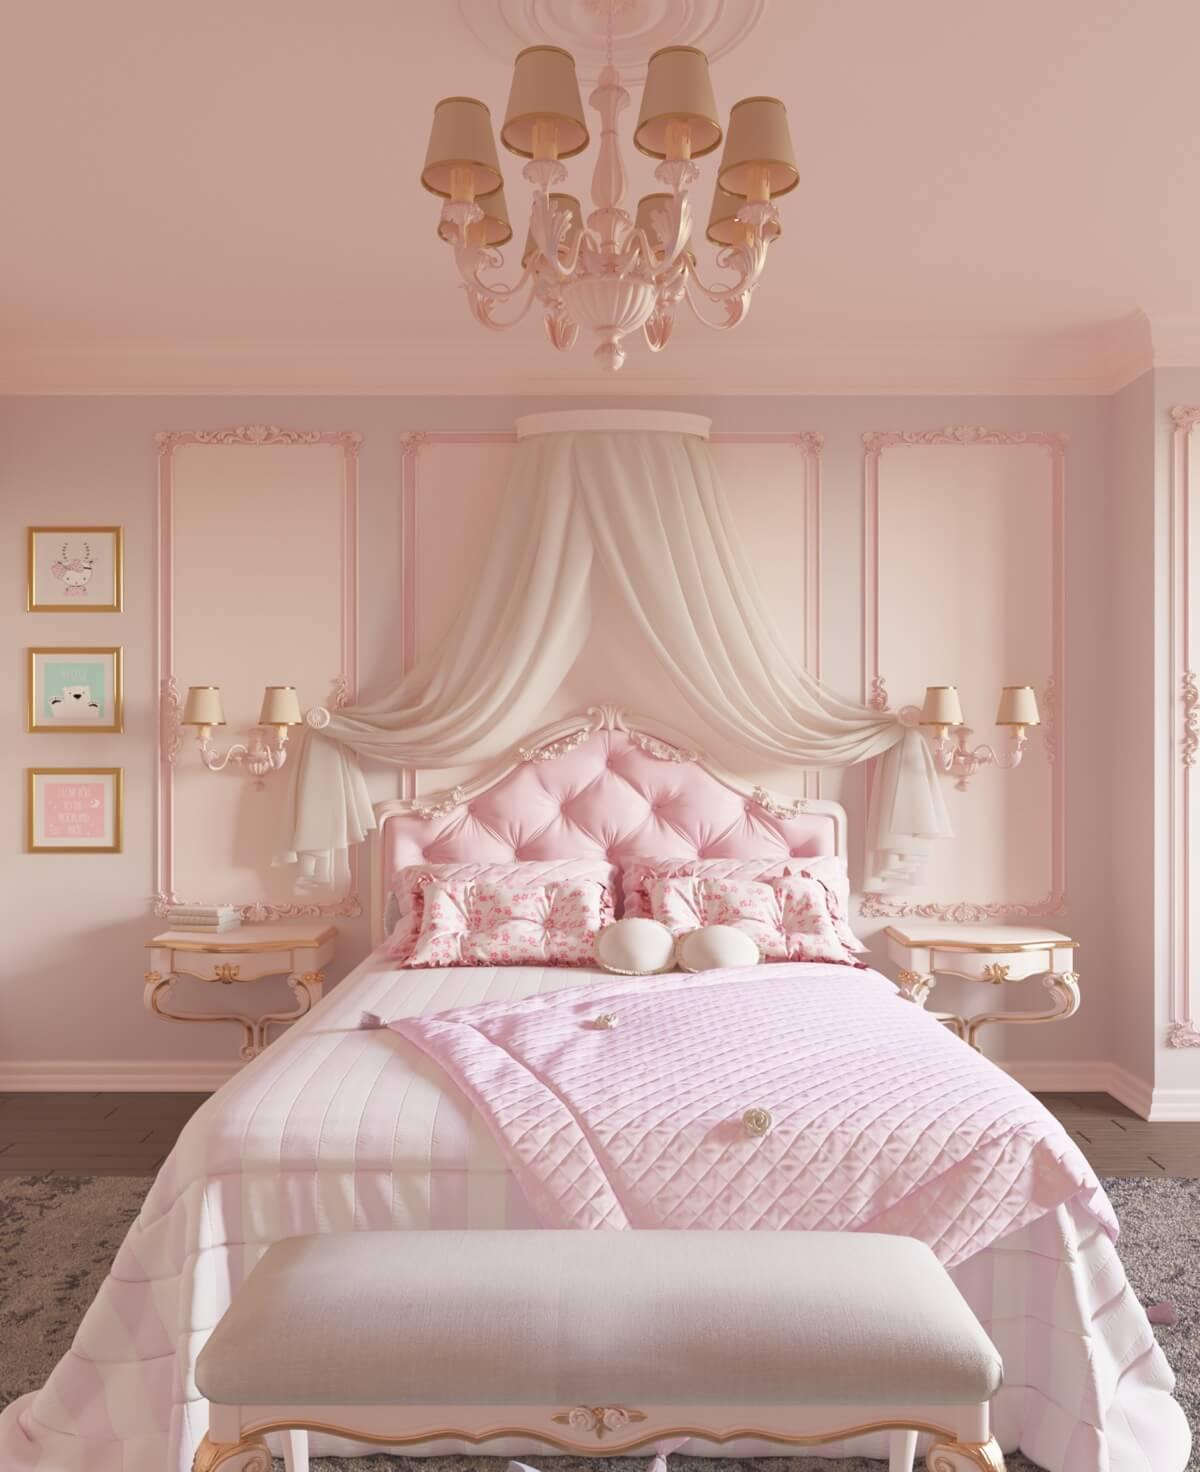 thiết kế nội thất phòng ngủ màu hồng 43